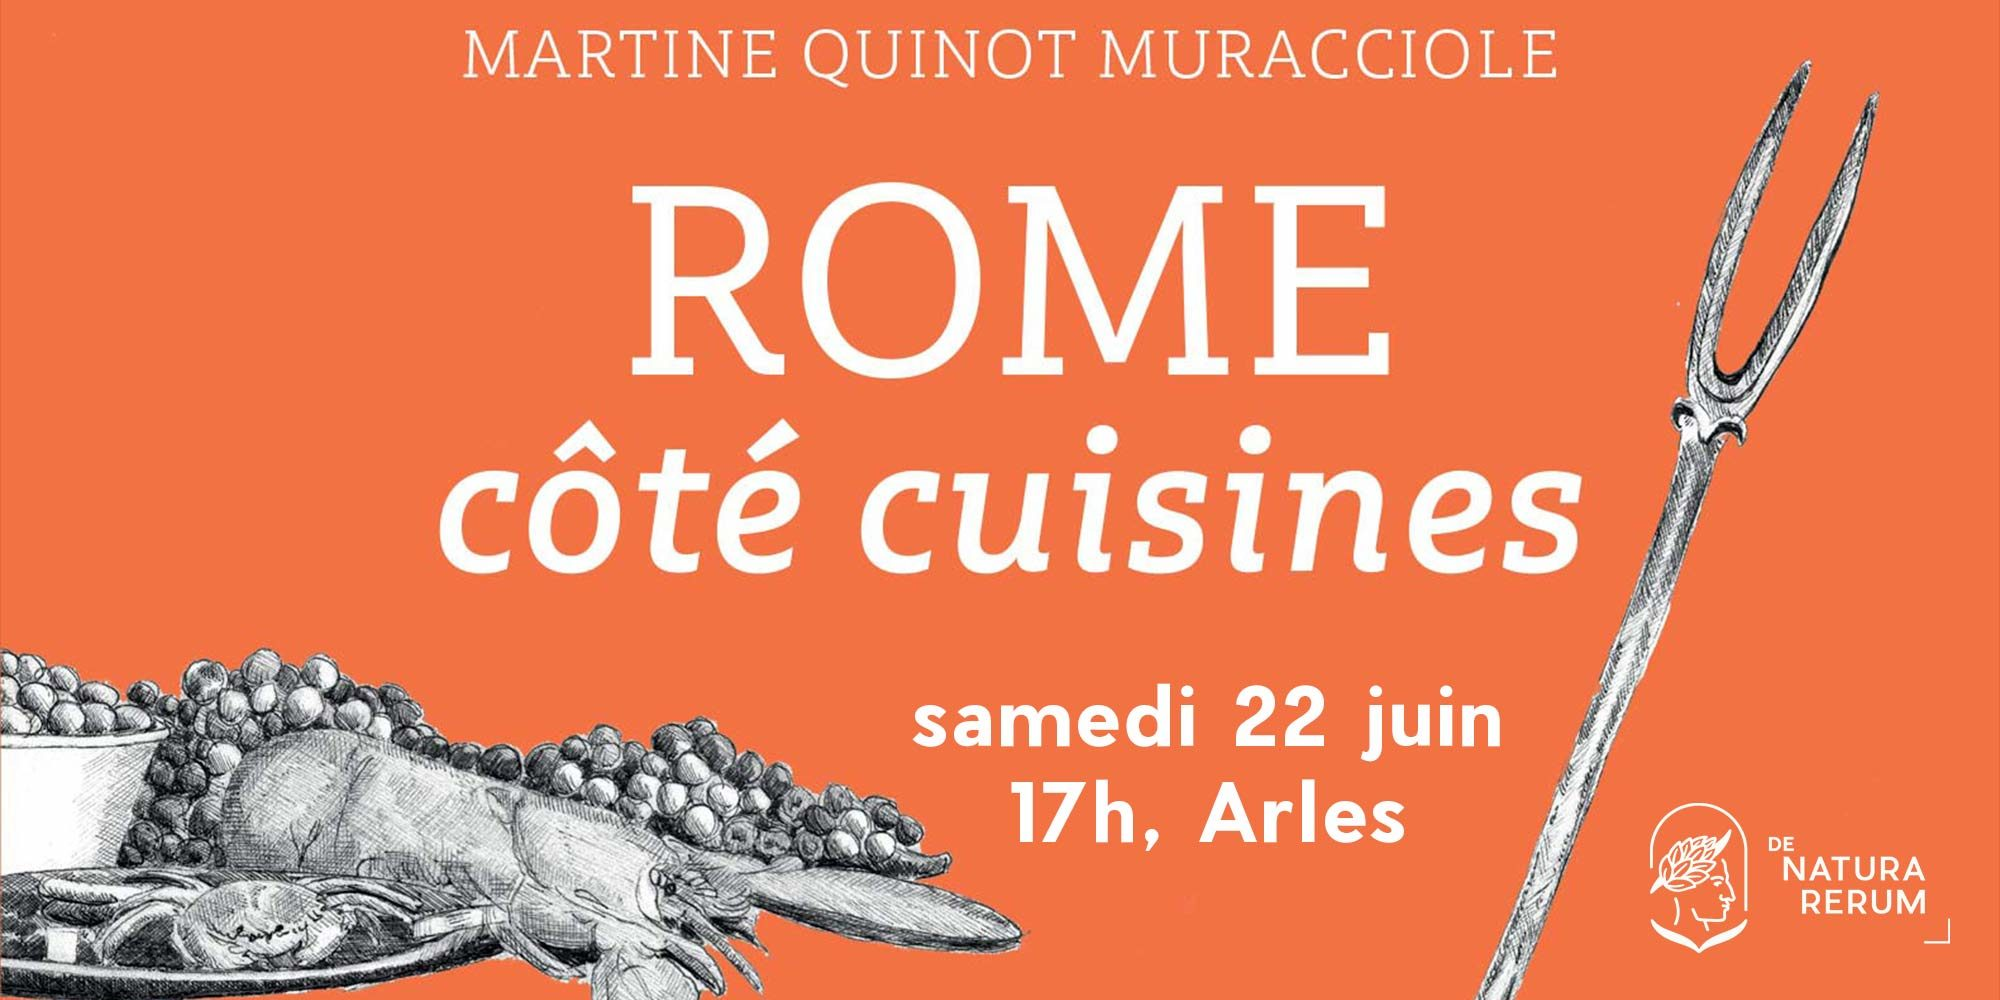 Rome côté cuisine, Belles Lettres, Dédicace samedi 22 juin à Arles